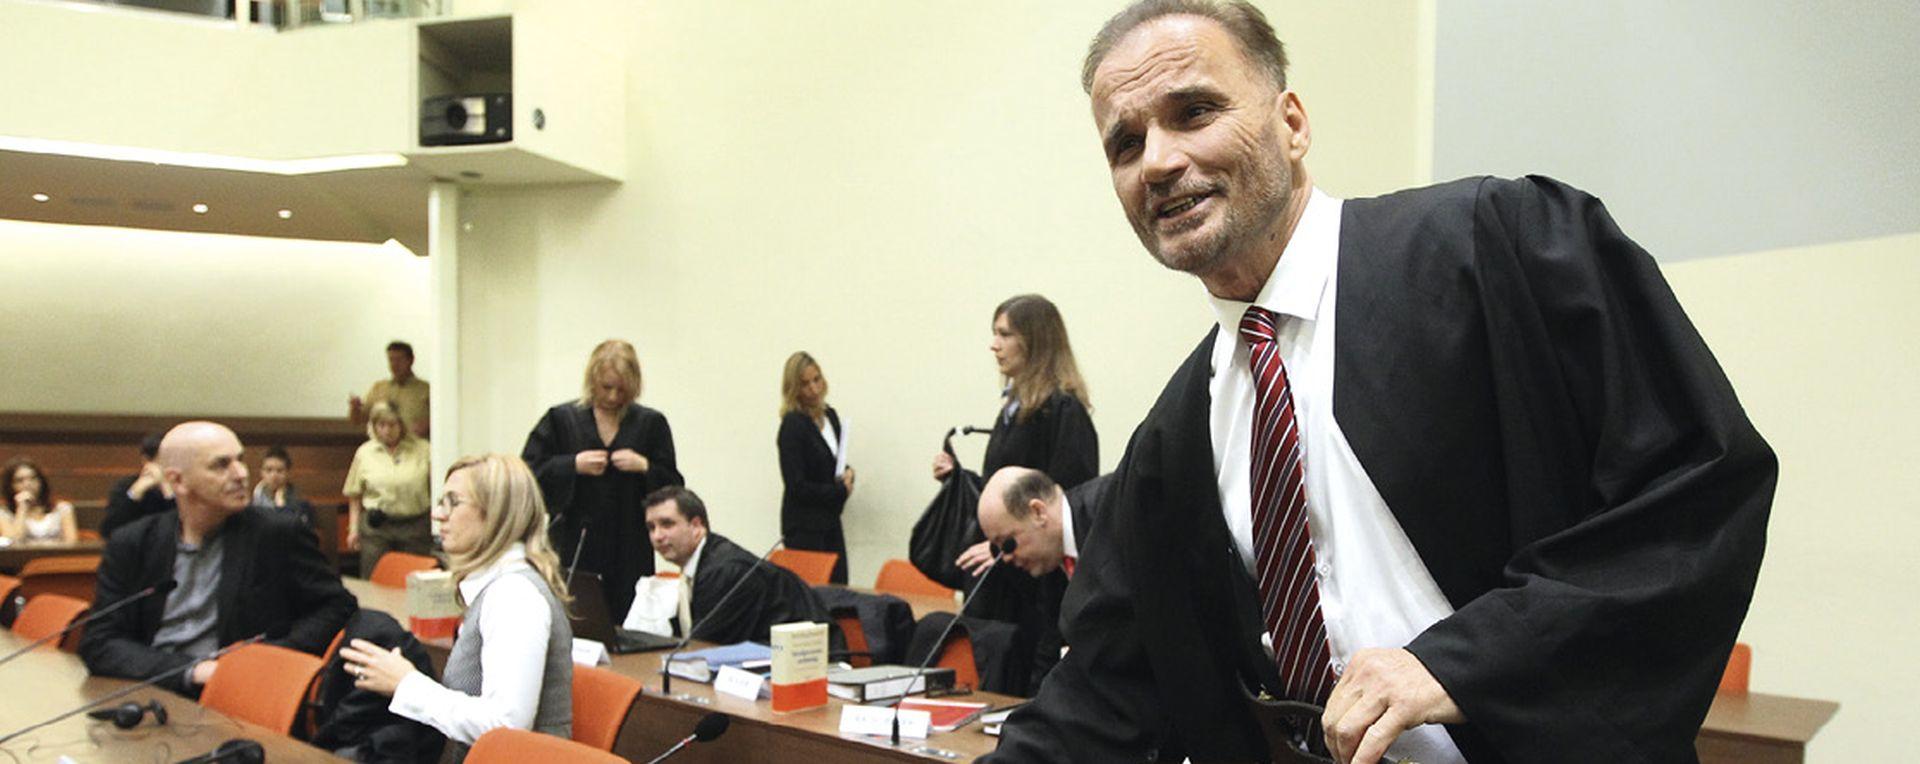 Nobilov svjedok iz vrha JNA ruši motiv ubojstva